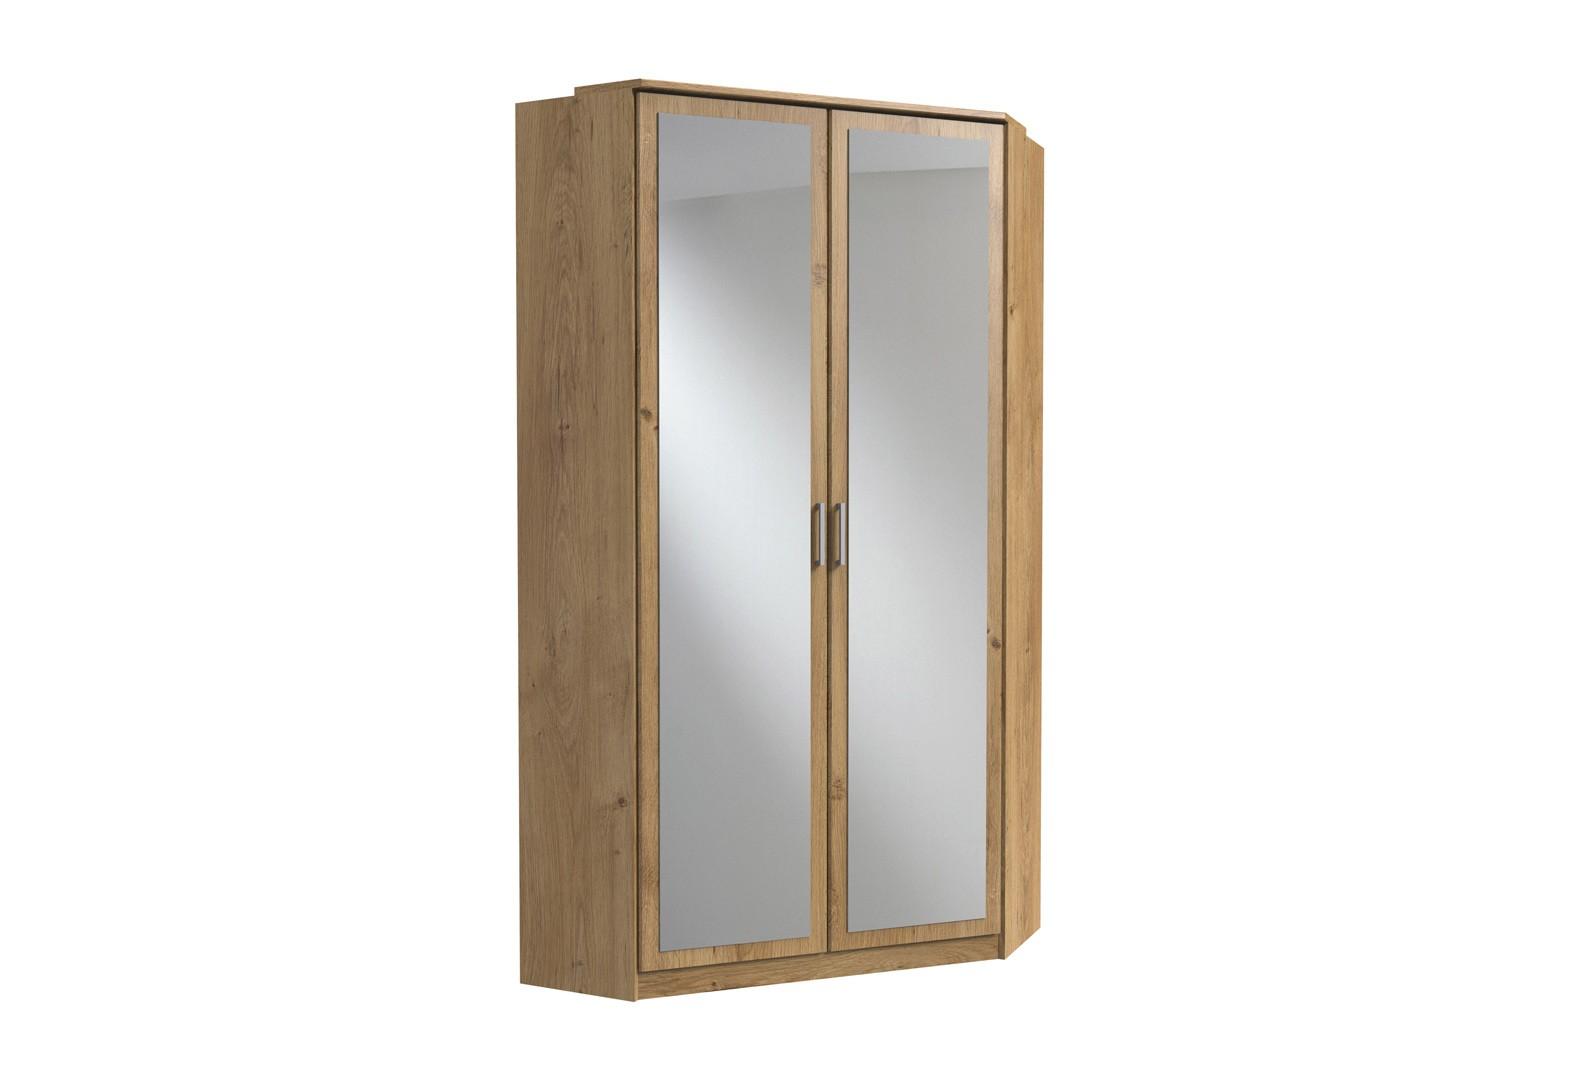 Armoire d'angle contemporaine avec miroir chêne poutre Genova